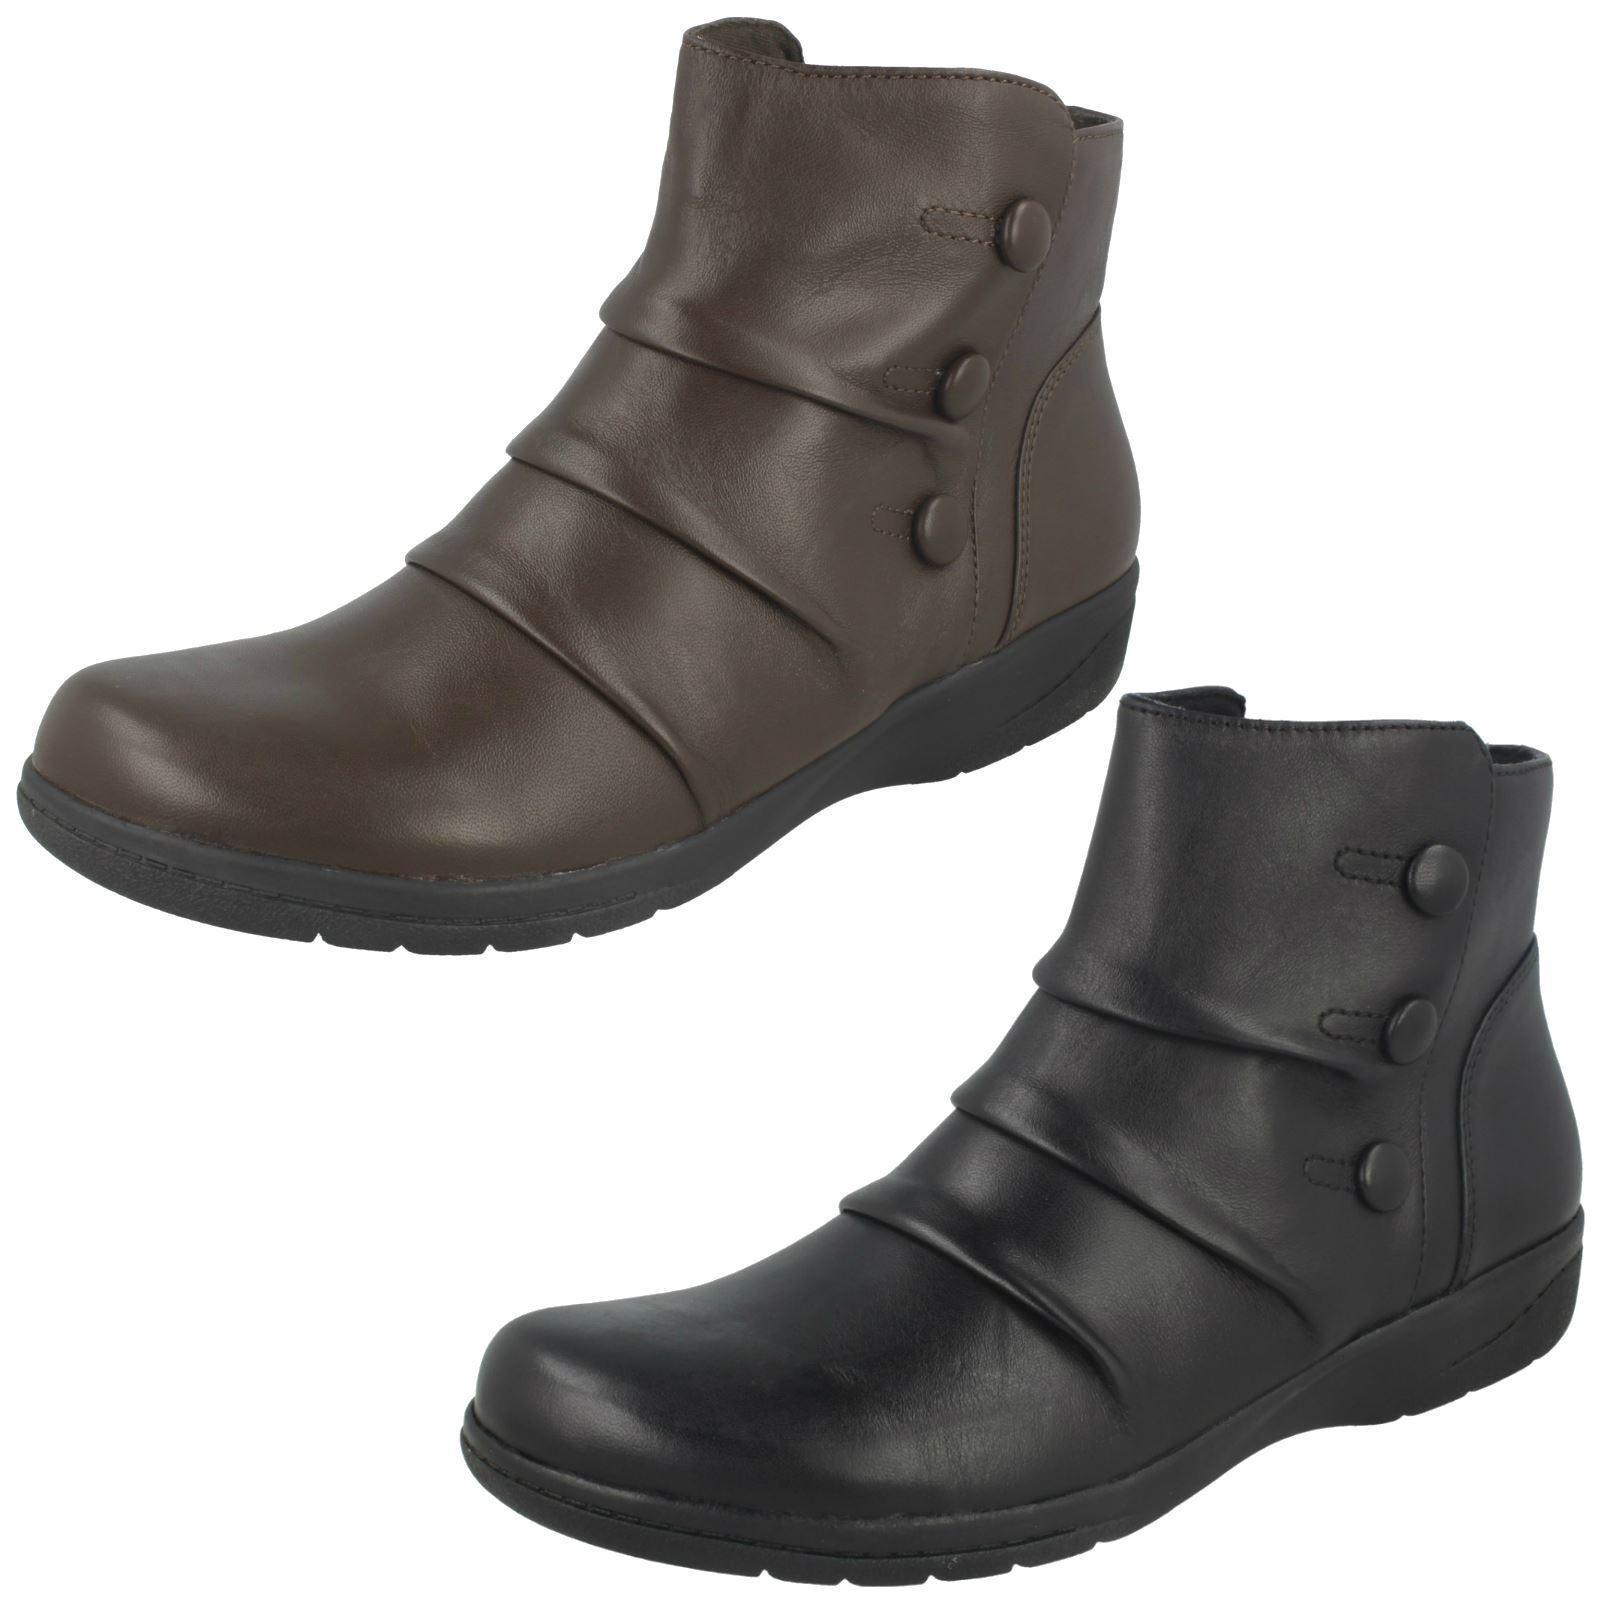 Damas Clarks cheyn Anne Negro O Marrón Cuero Informal Informal Informal botas al tobillo con cremallera f0ff5d